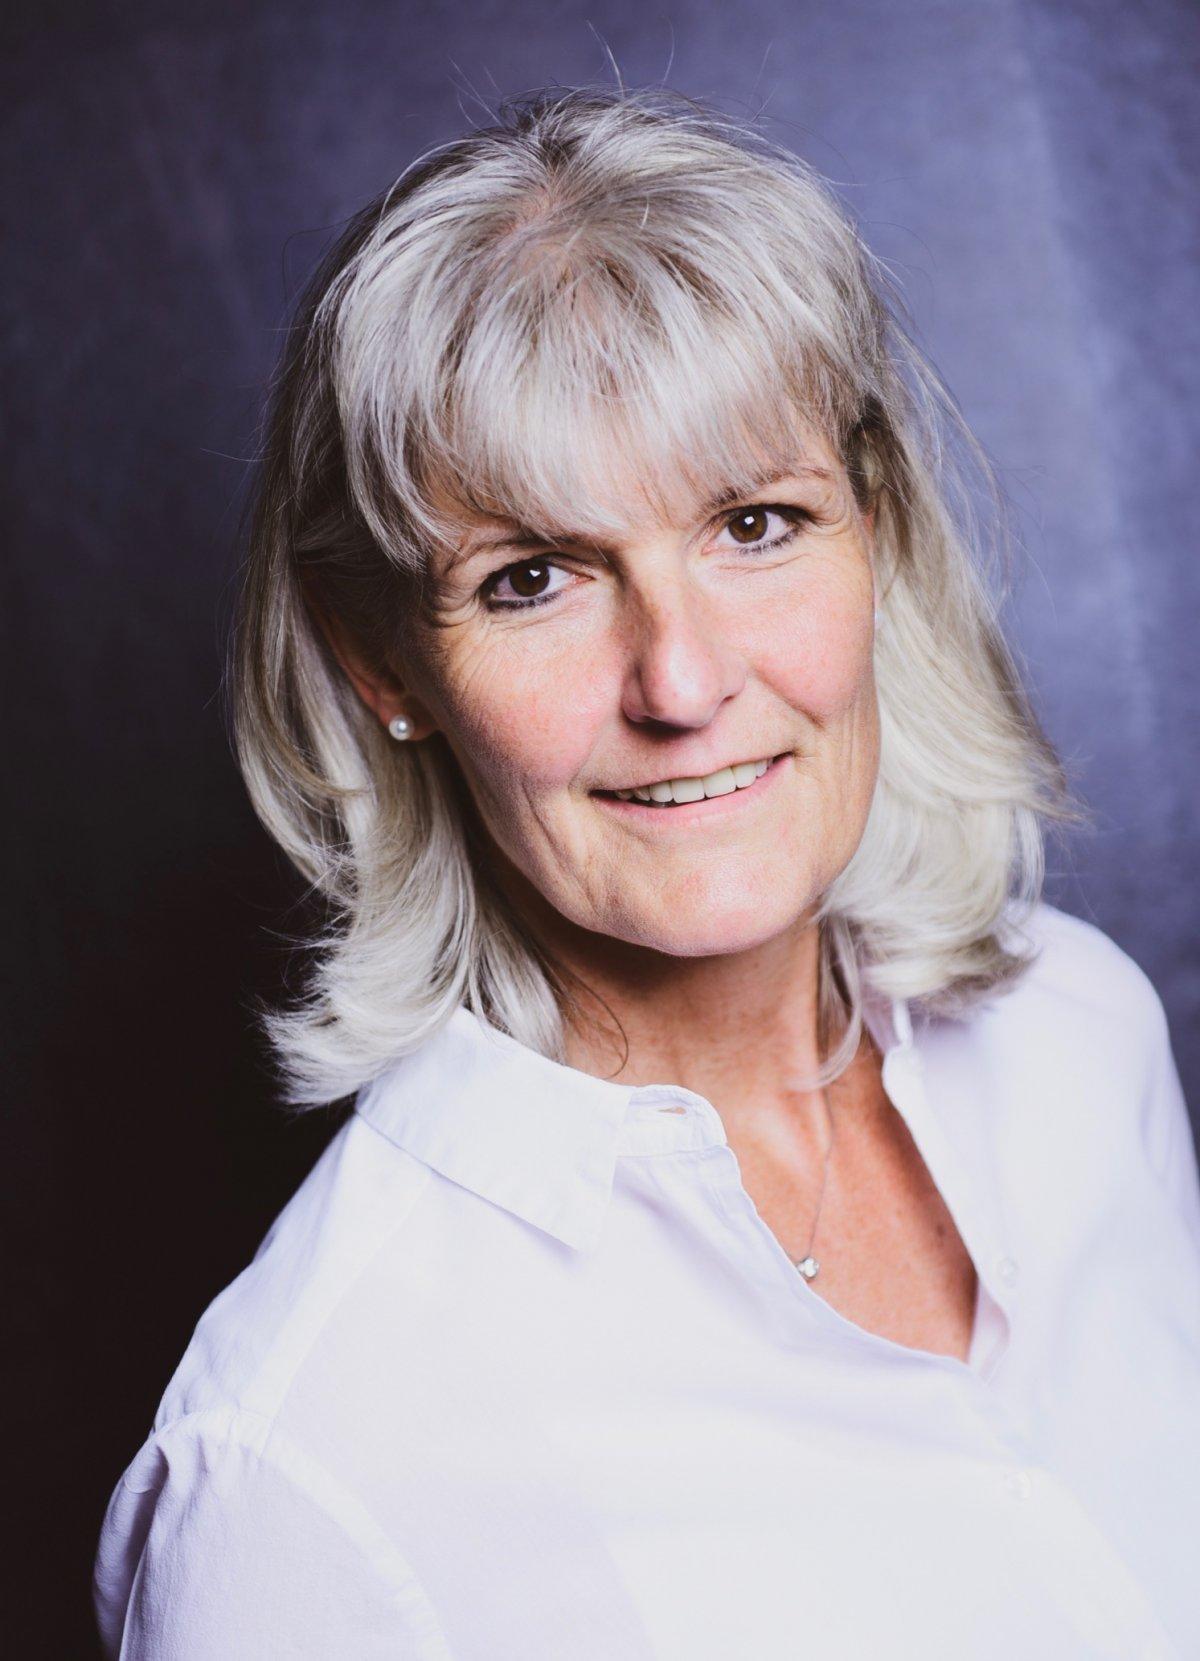 Die Physiotherapeutin Annette Dilger sitzt schräg vor einem dunklen Hintergrund. Sie lächelt und schaut dabei ein wenig nach oben in die Kamera. Ihre grauen Haare trägt sie mittellang und mit einem geraden Pony. Auf dem Foto trägt sie eine weiße Bluse.